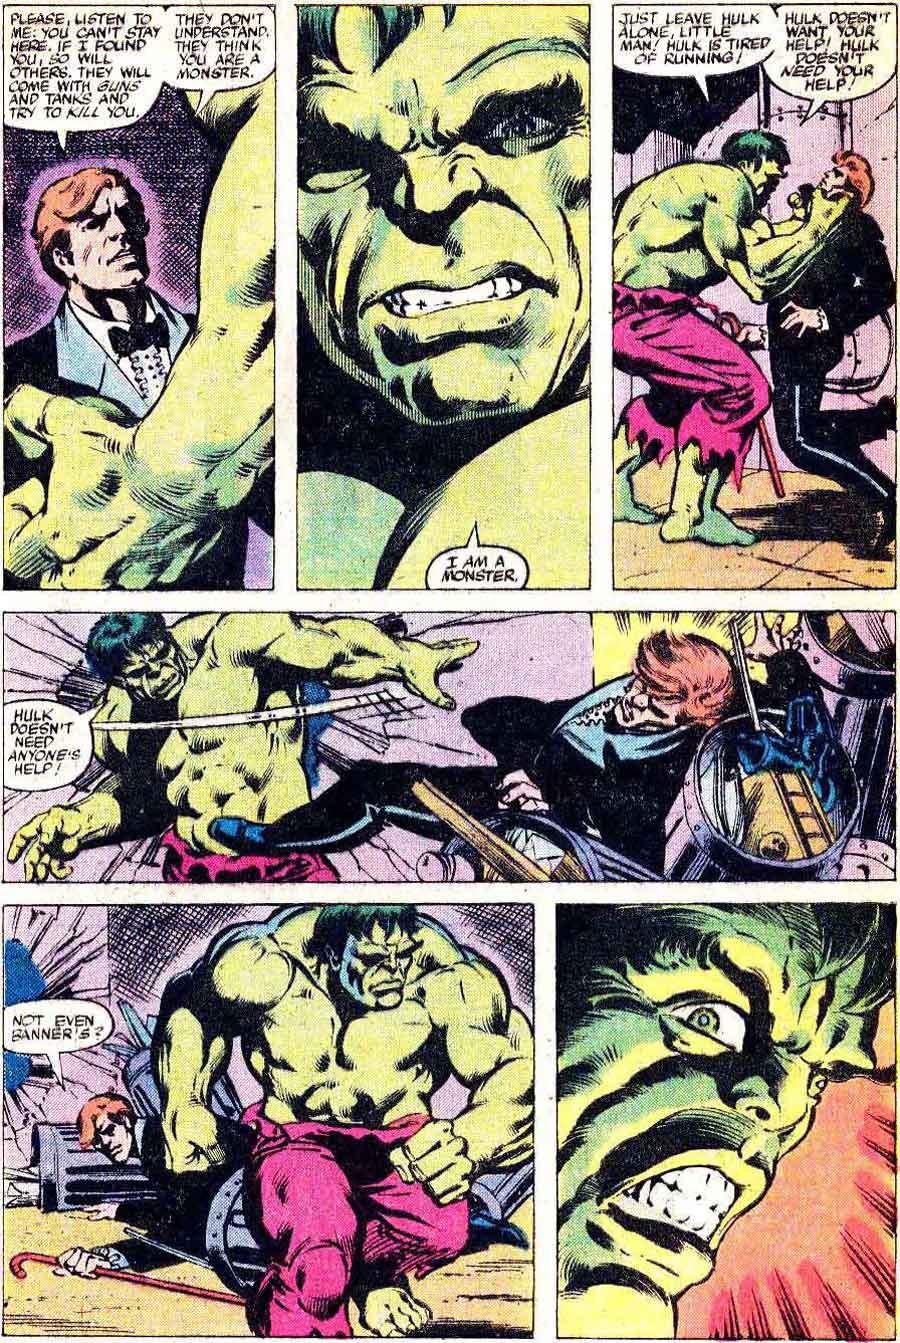 Daredevil v1 #163 marvel comic book page art by Frank Miller